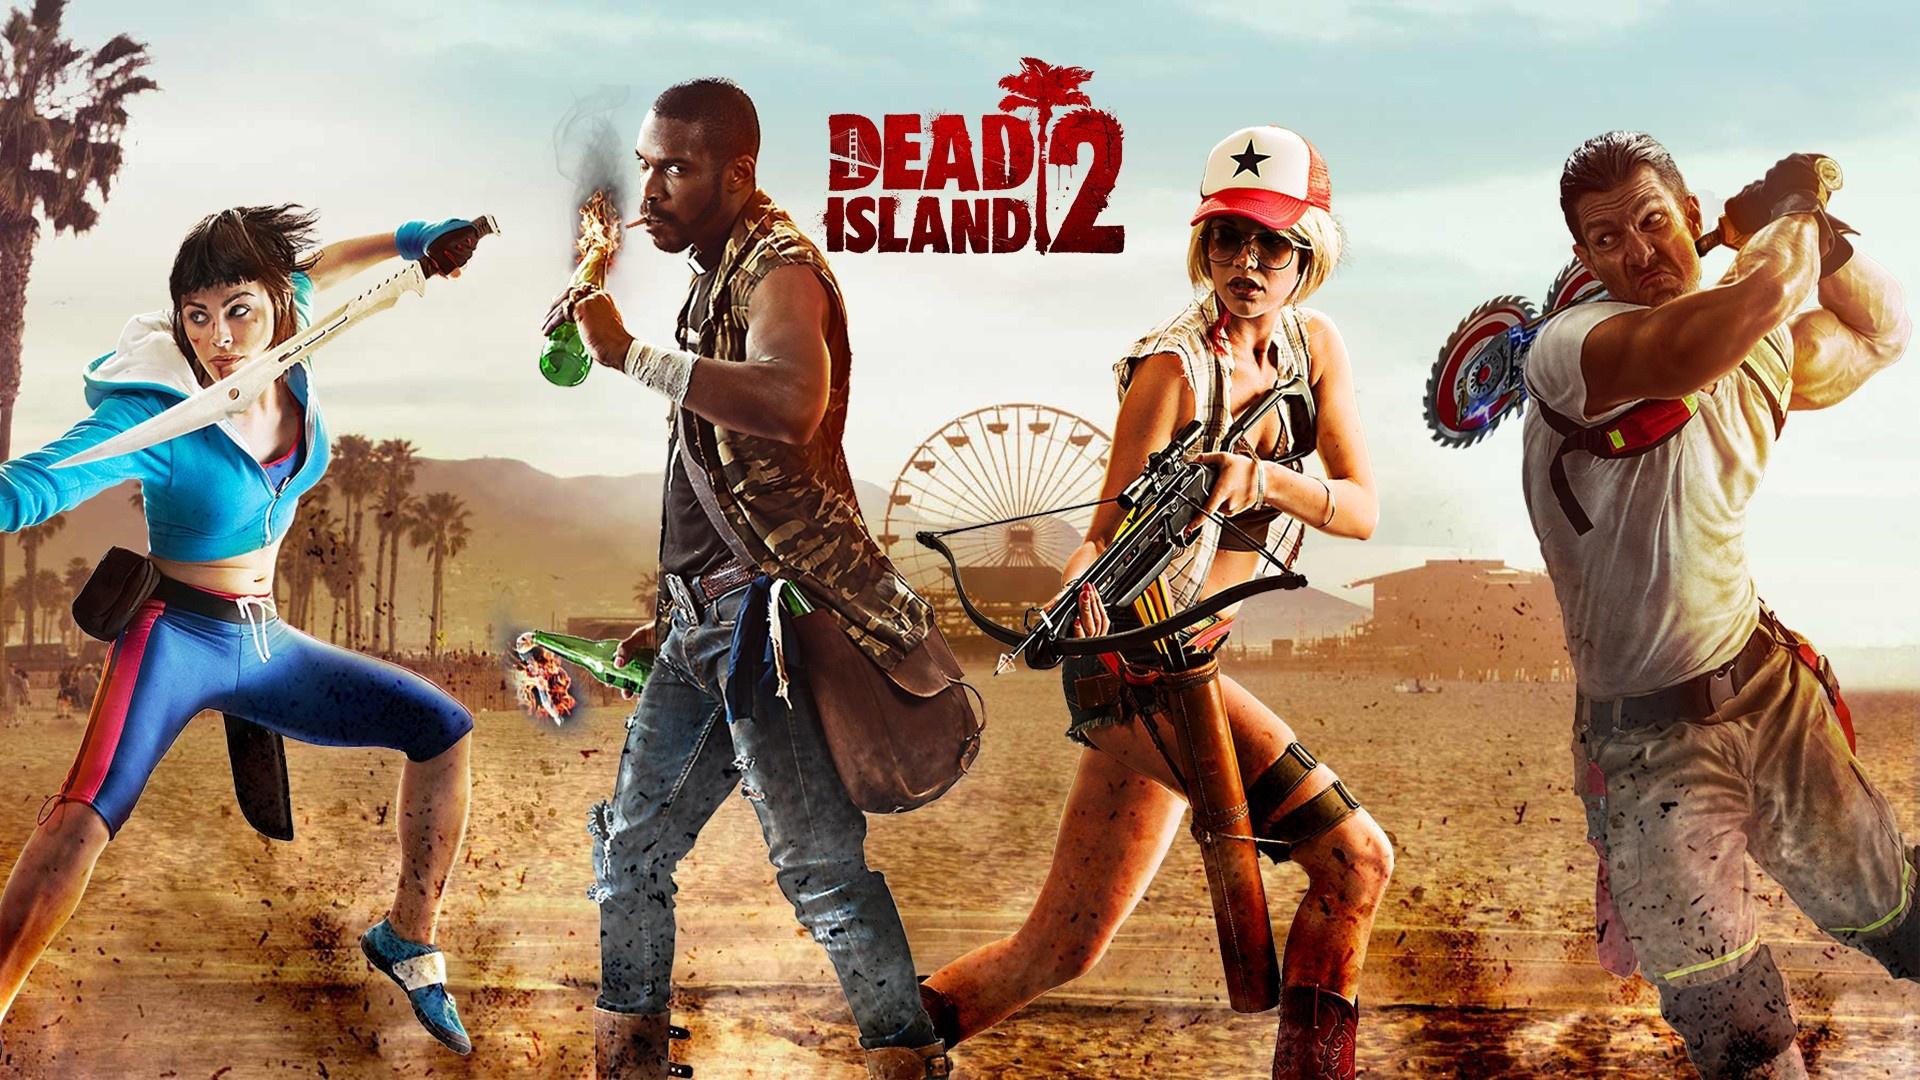 Dead Island 2 выйдет наконсолях следующего поколения итекущих платформах